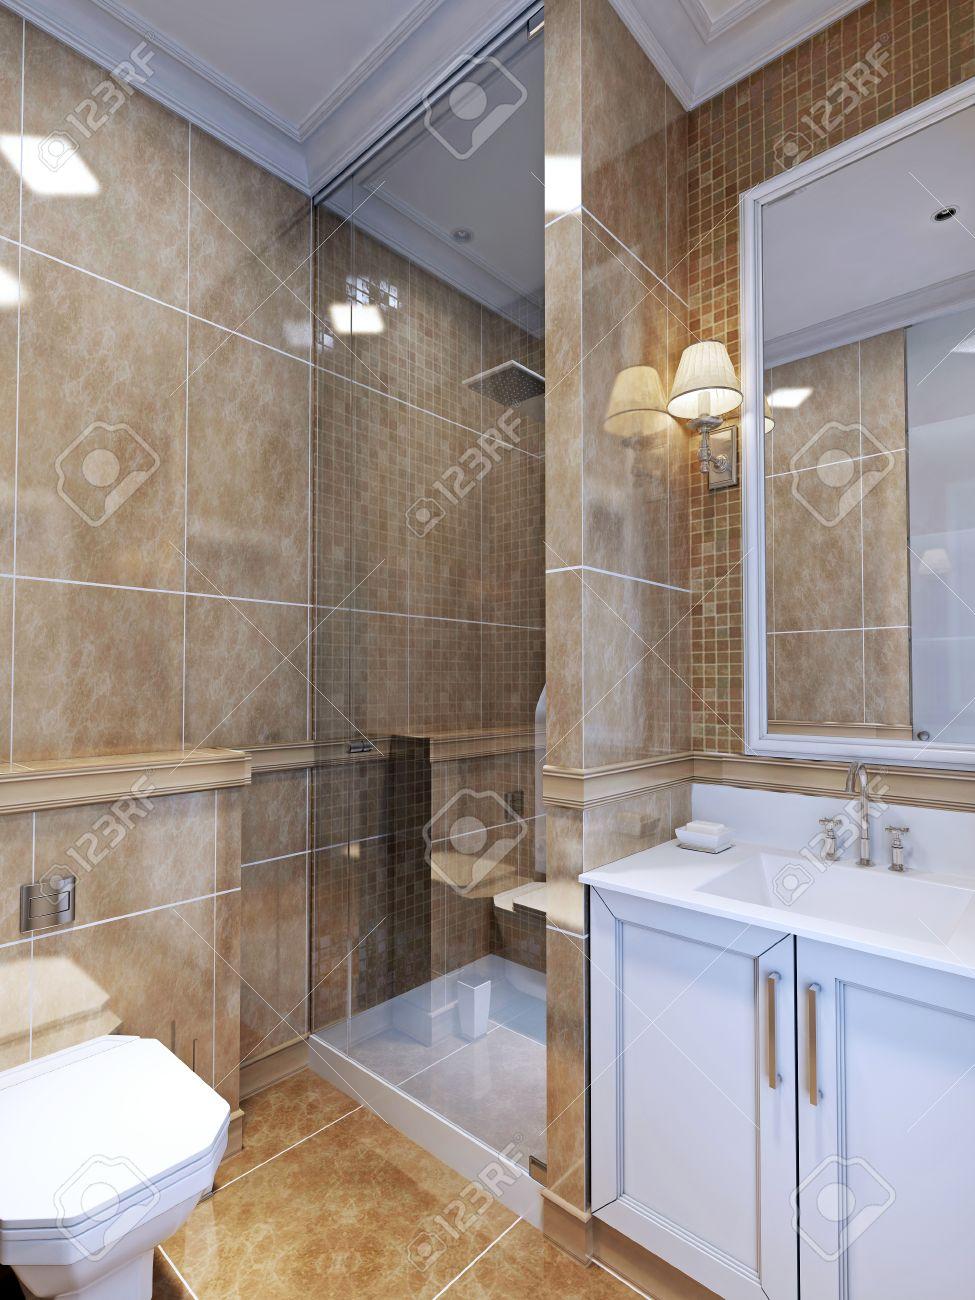 archivio fotografico bagno stile art deco un bagno completo che di piccole dimensioni piastrelle beige naturale copre sia pavimento e parete